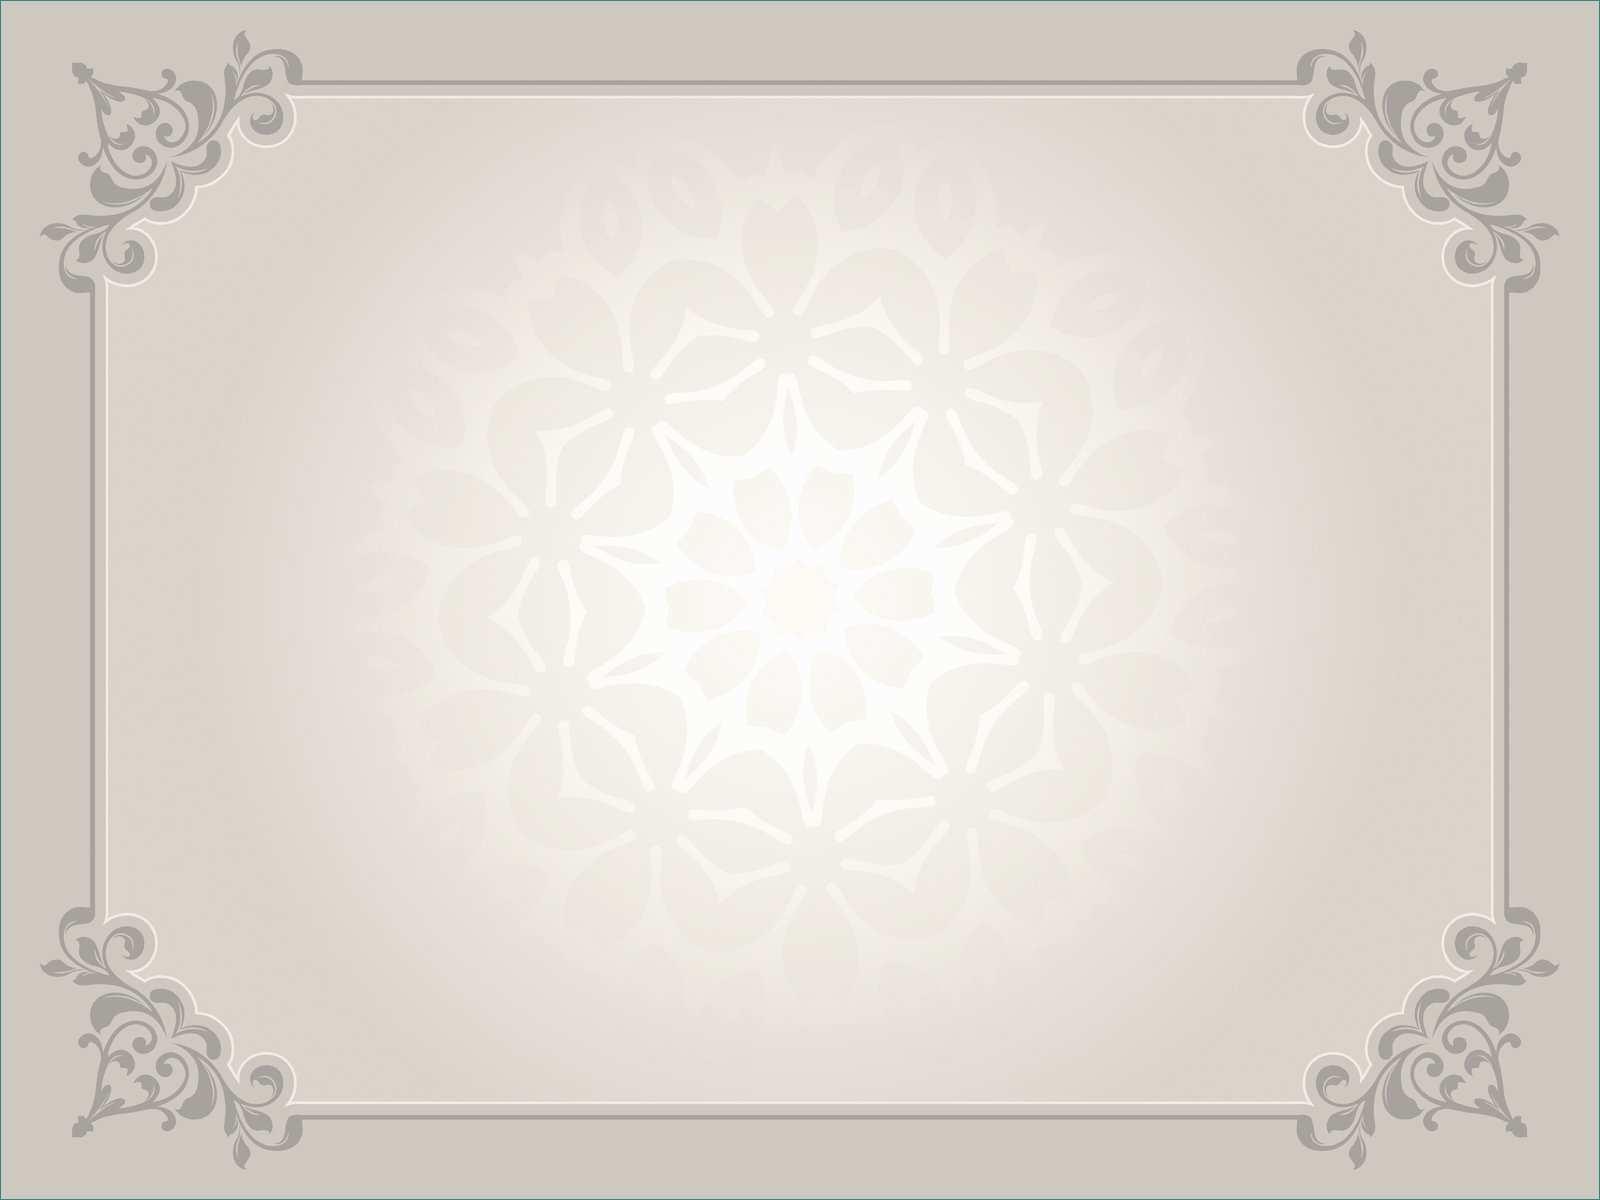 Khung viền đẹp cho Powerpoint (2)